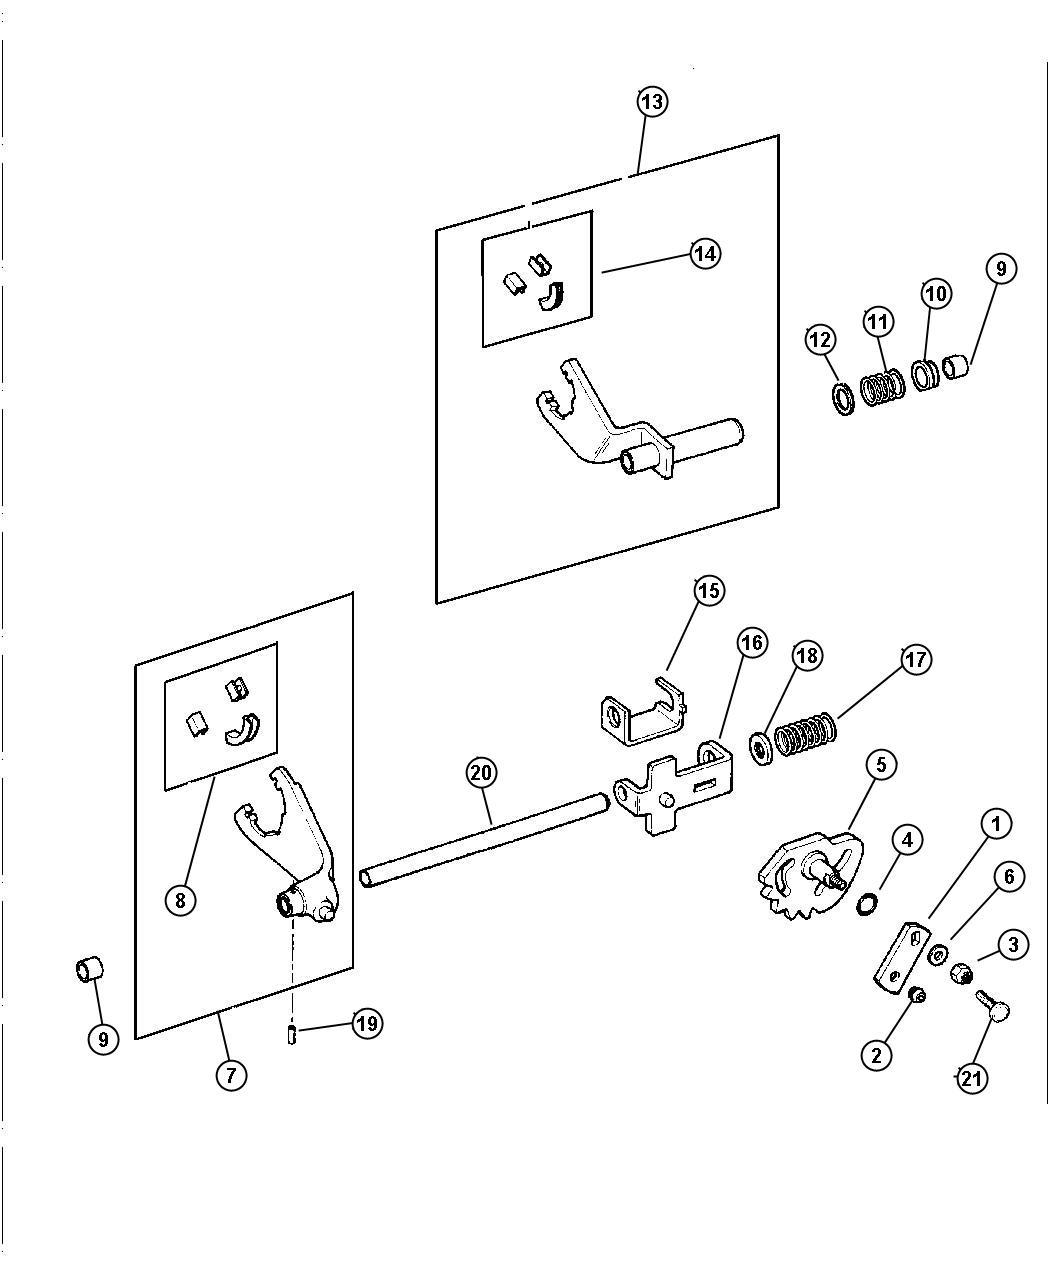 Dodge Dakota Fork Transfer Case Mode Shift Ac